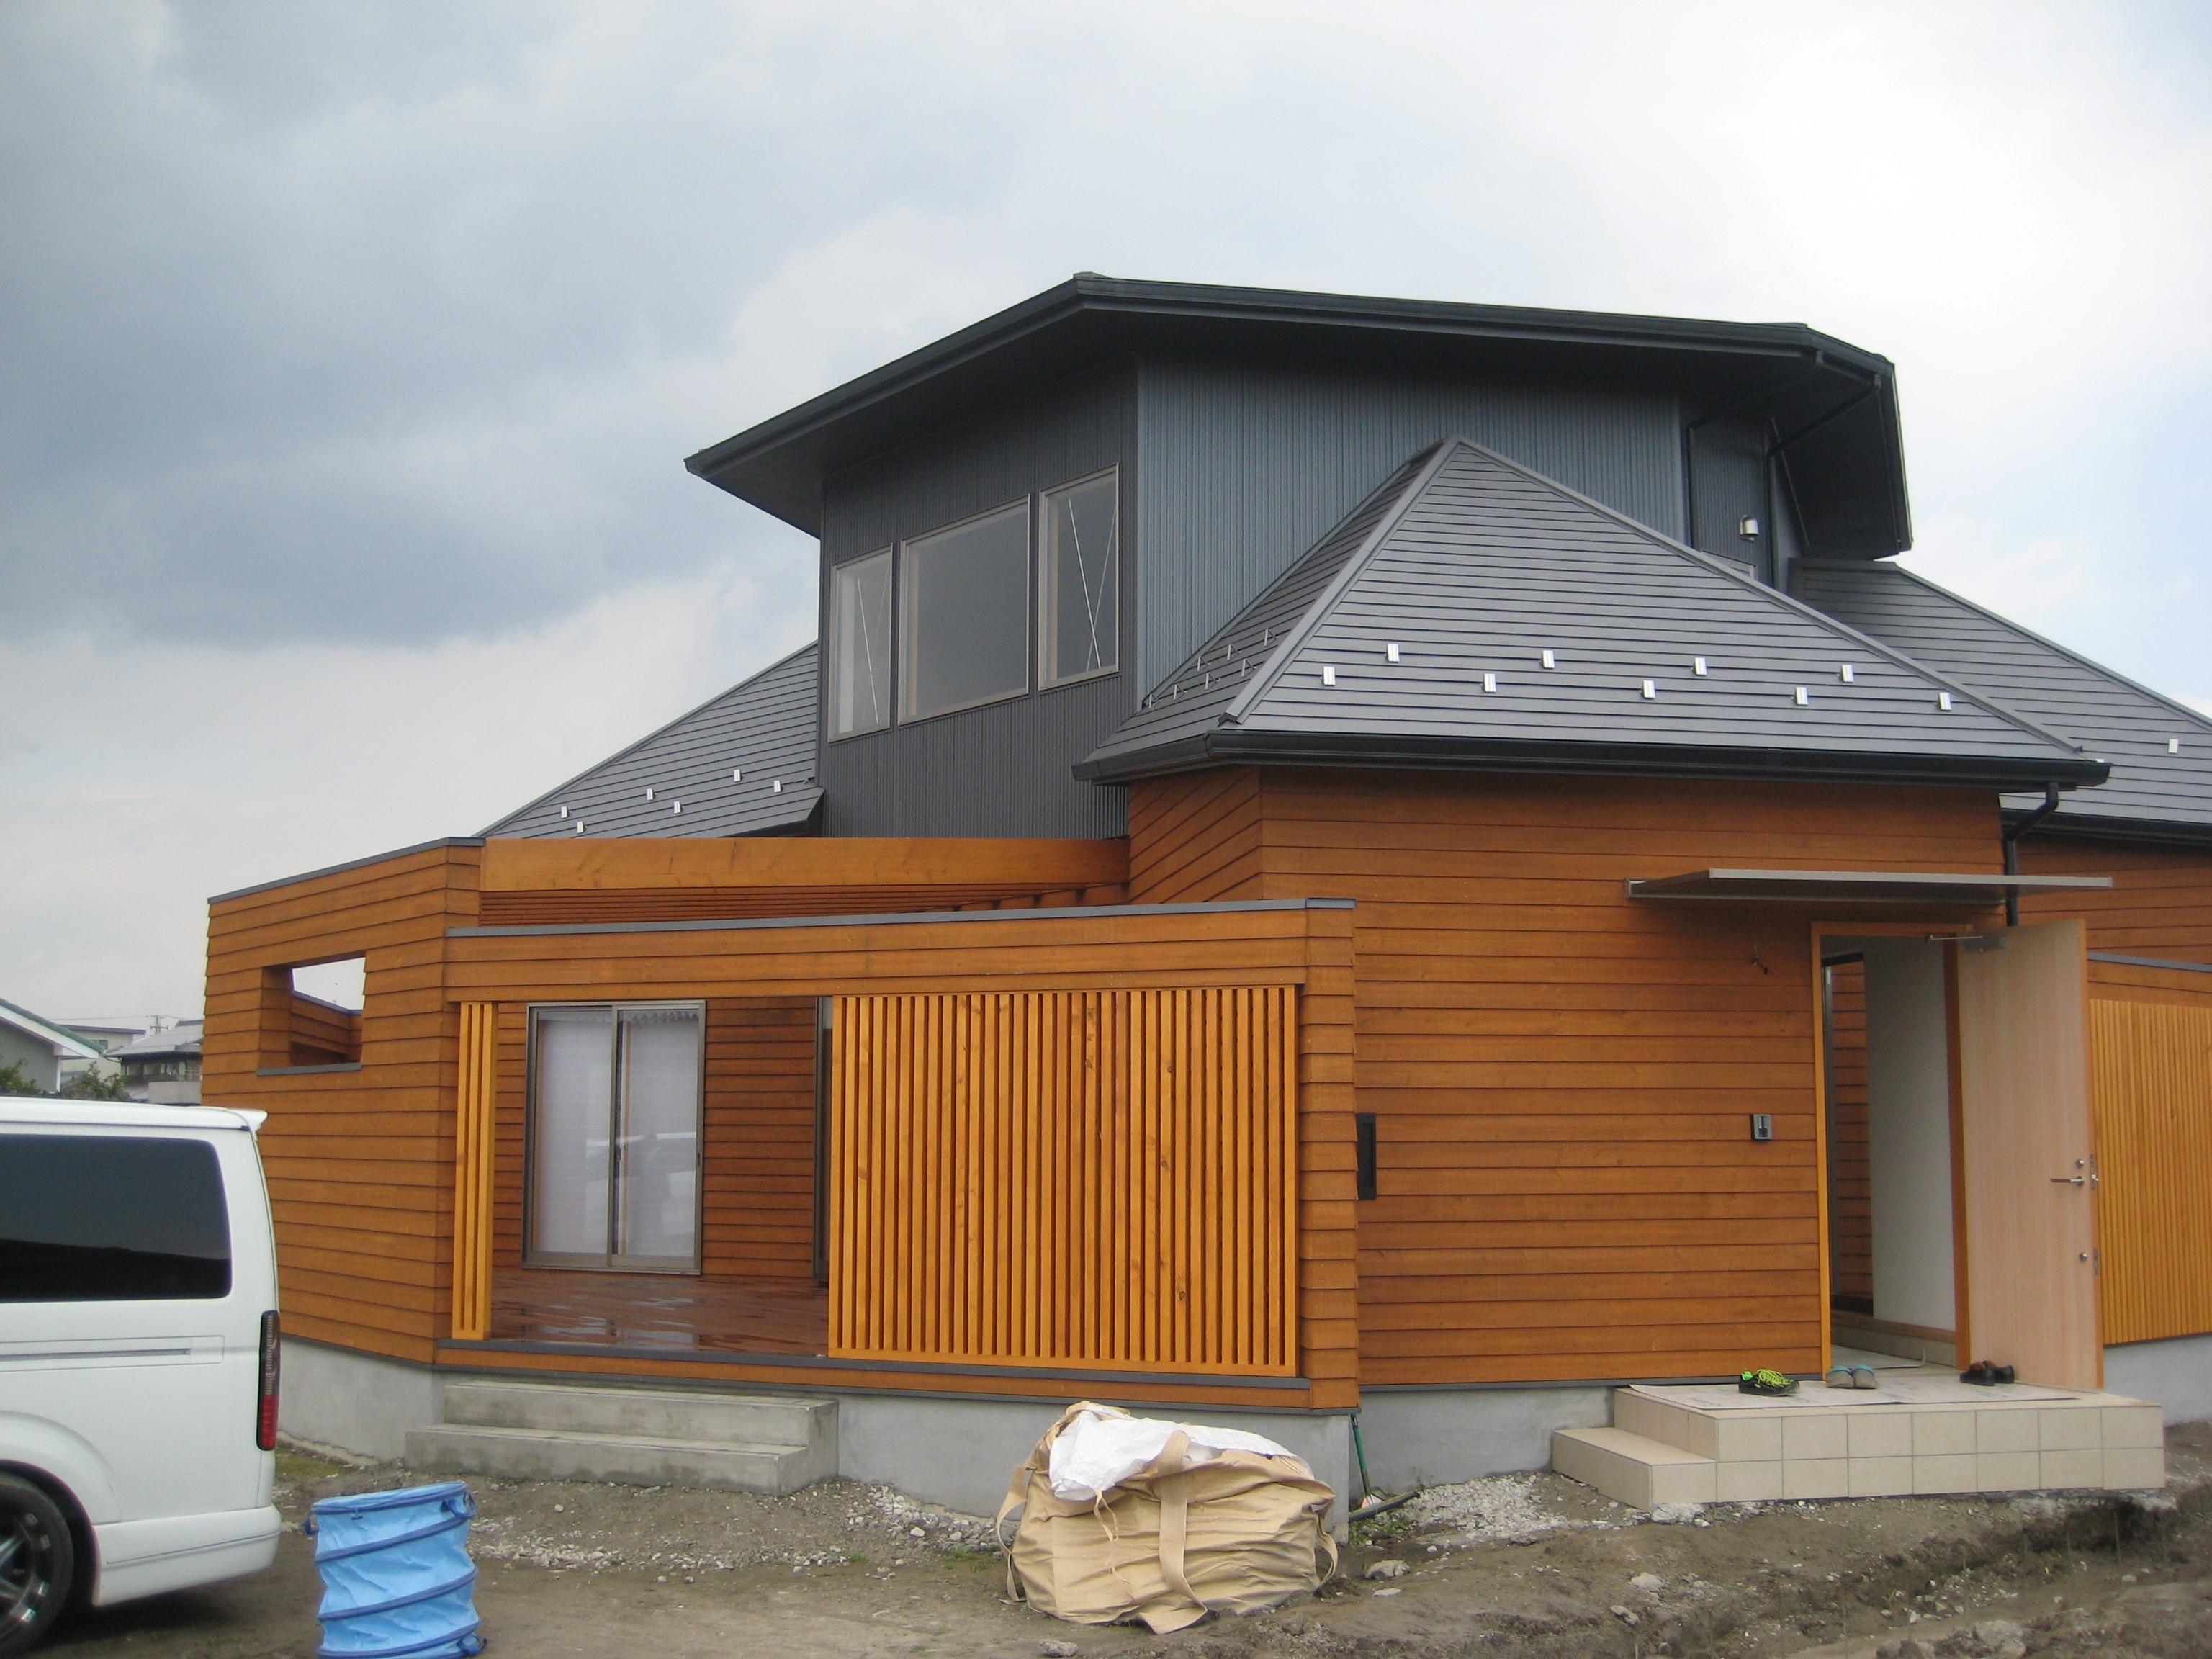 愛知県稲沢市祖父江「開花の家」木造住宅 オープンハウス